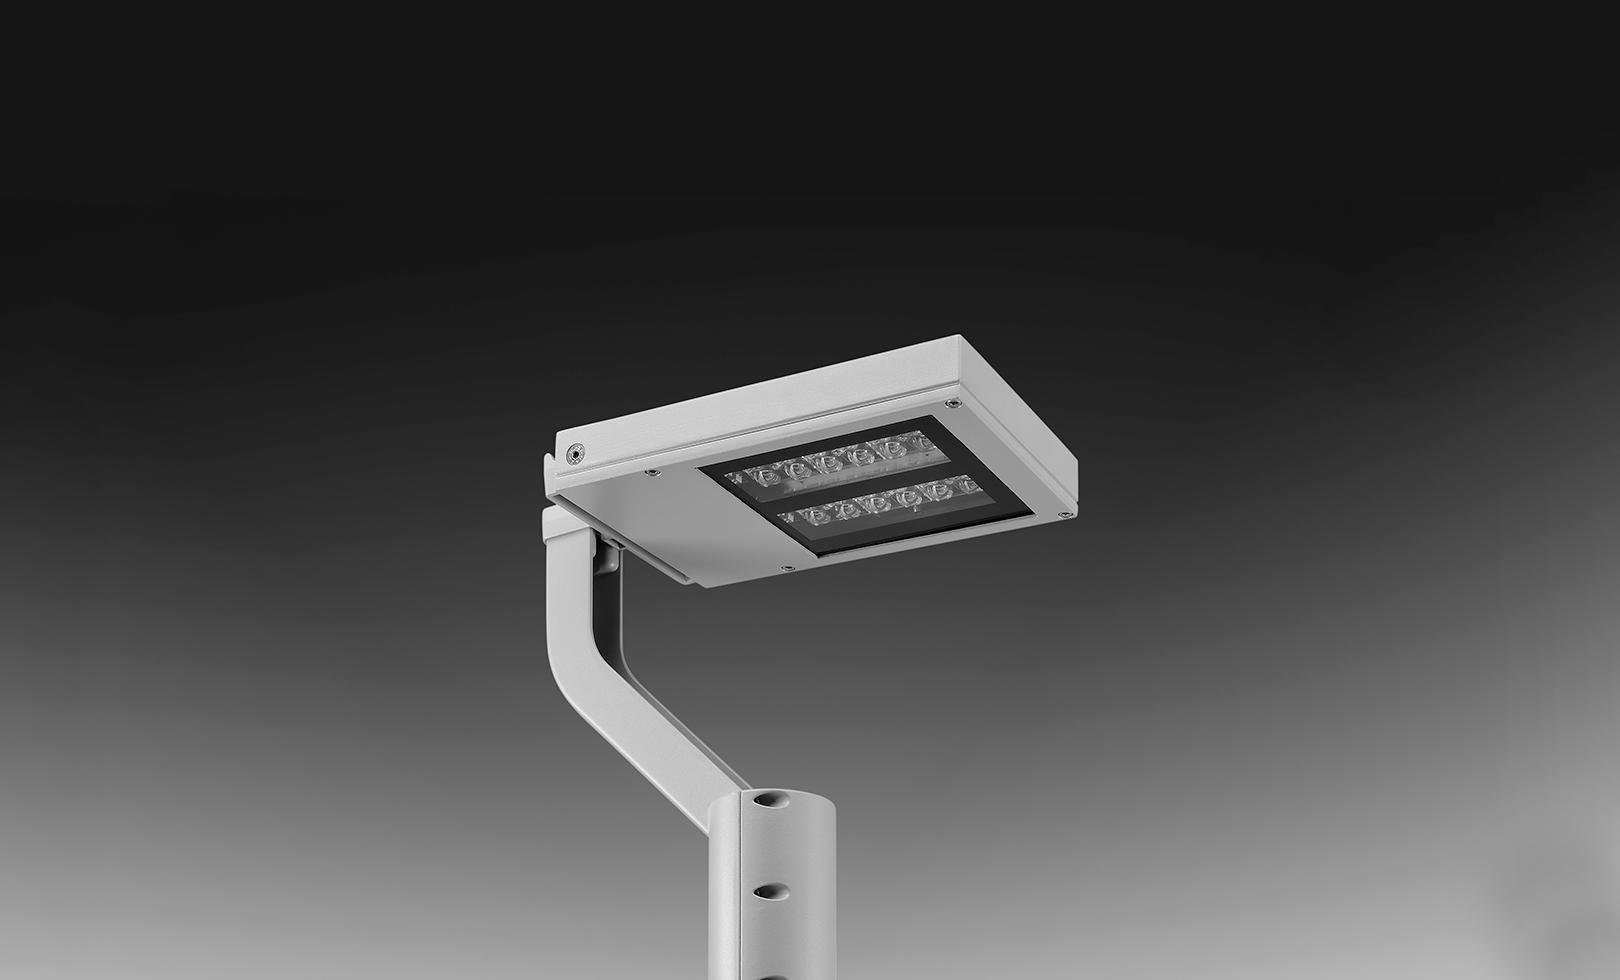 803005 BOOK ARM POLE-TOP MAXI LED 18 -> 36W 1